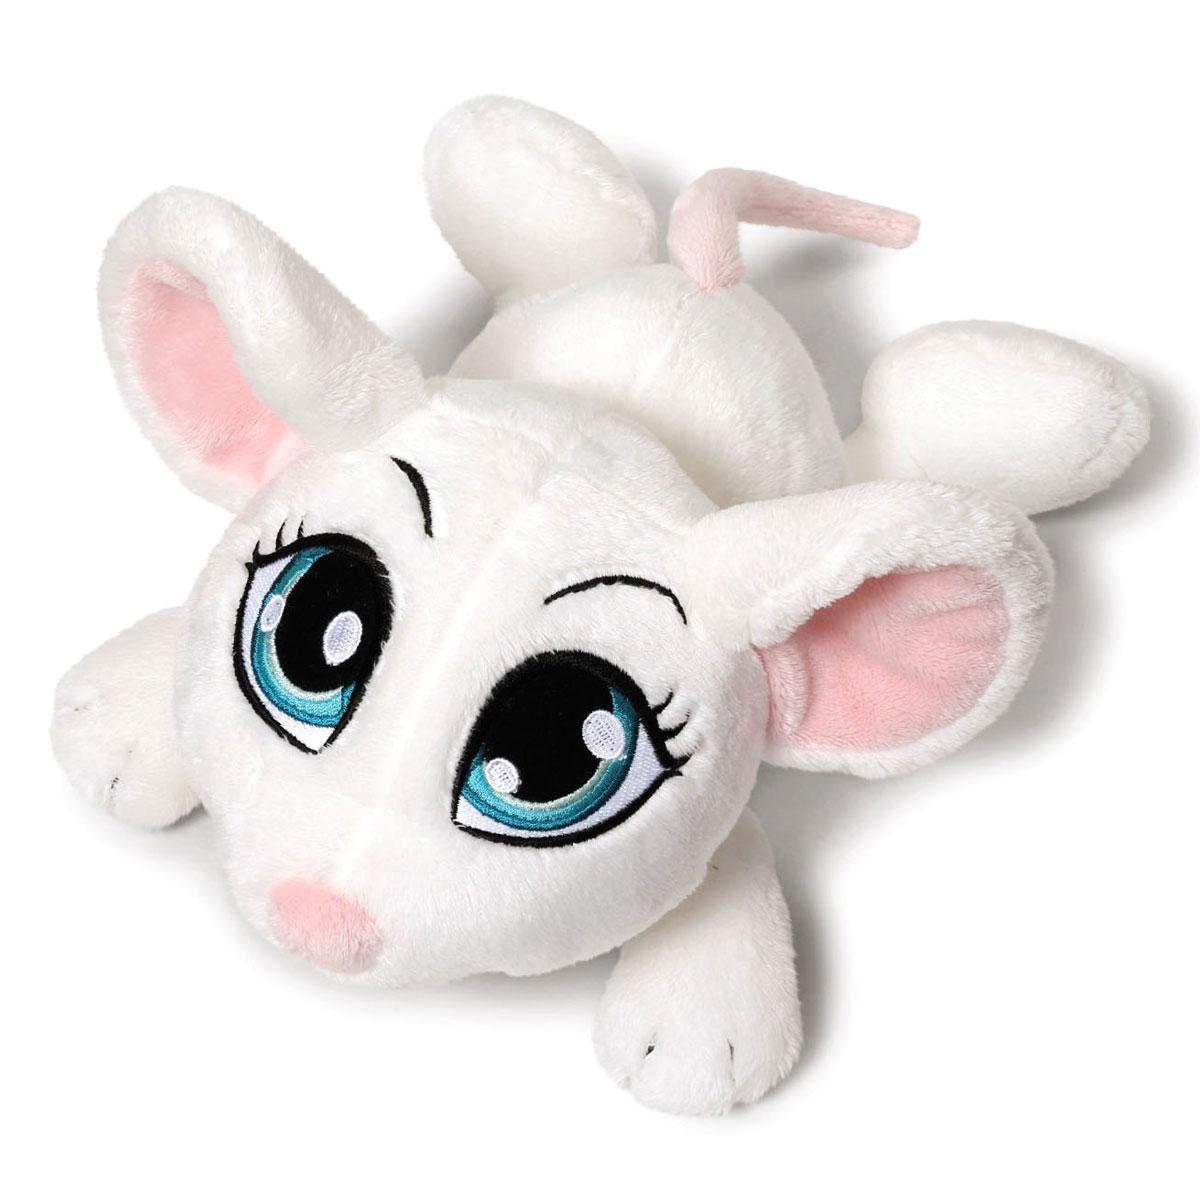 Nici Мягкая игрушка Мышка цвет белый 35 см37771Очаровательная мягкая игрушка Nici Мышка выполнена в виде симпатичного плюшевого мышонка. Игрушка изготовлена из высококачественного текстильного материала белого цвета. Игрушка невероятно мягкая и приятная на ощупь, вам не захочется выпускать ее из рук. У мышки огромные вышитые глазки, розовые ушки и длинный хвостик. Удивительно мягкая игрушка принесет радость и подарит своему обладателю мгновения нежных объятий и приятных воспоминаний. Специальные гранулы, использующиеся при ее набивке, способствуют развитию мелкой моторики у малыша. Великолепное качество исполнения делают эту игрушку чудесным подарком к любому празднику. Трогательная и симпатичная, она непременно вызовет улыбку у детей и взрослых.